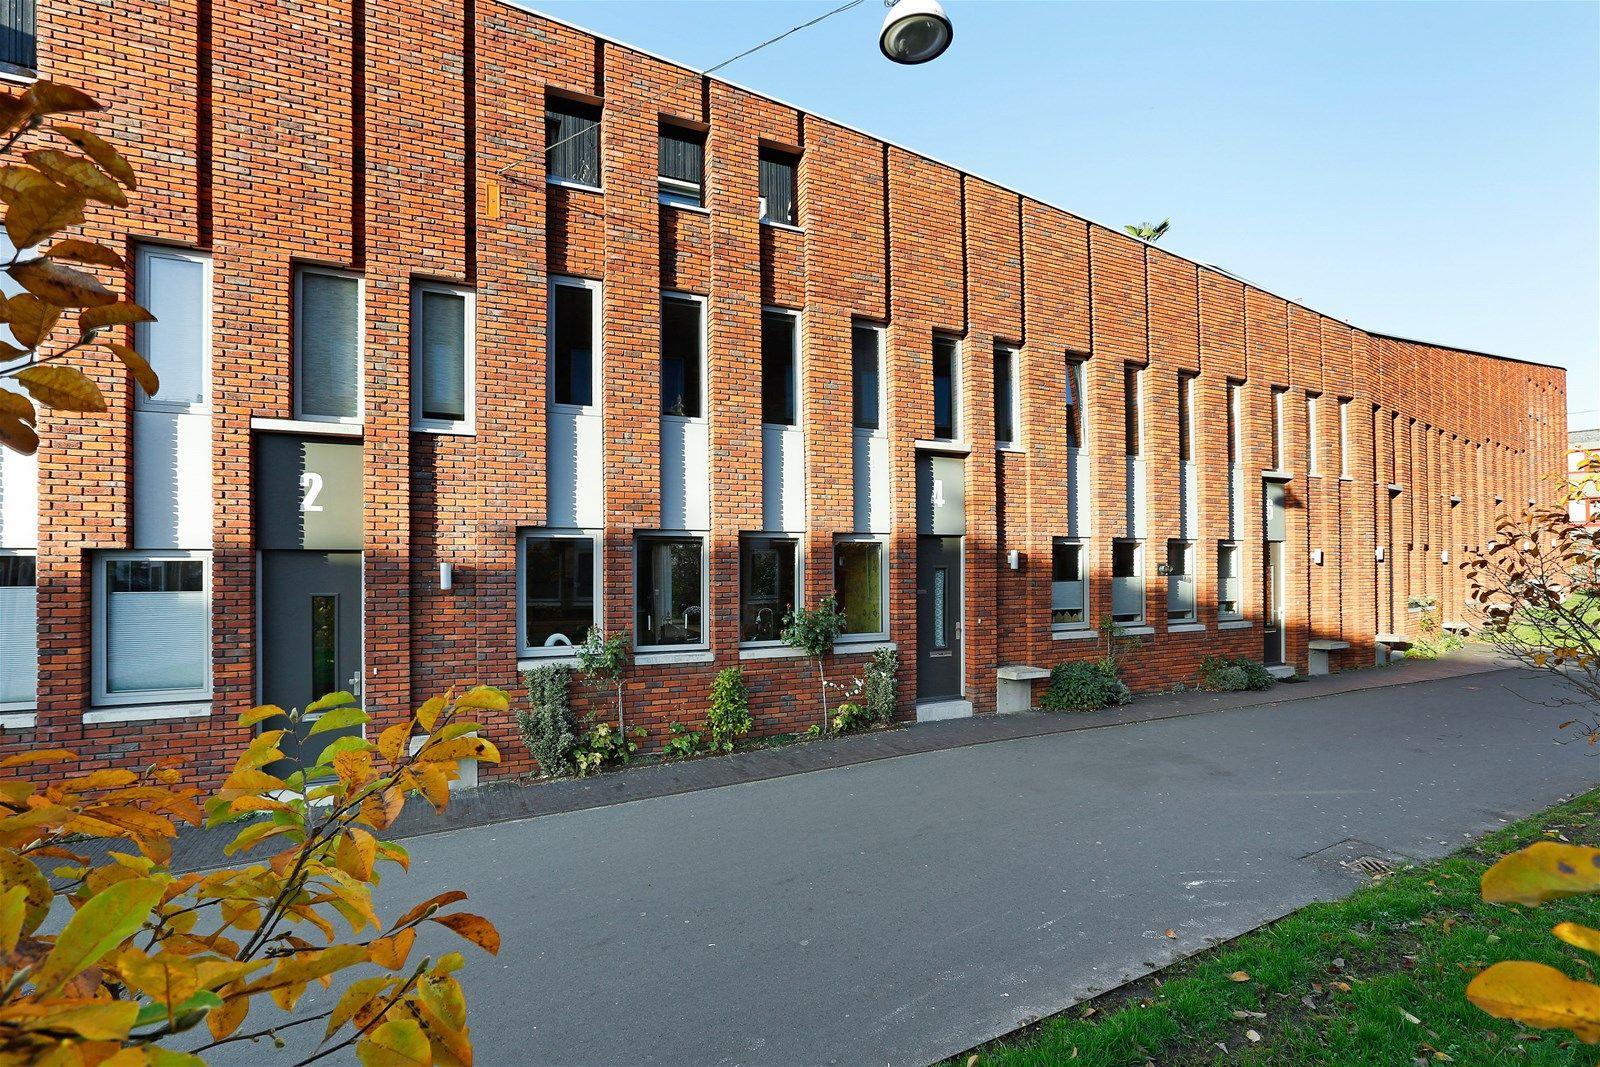 Botermolendrift 4, Groningen